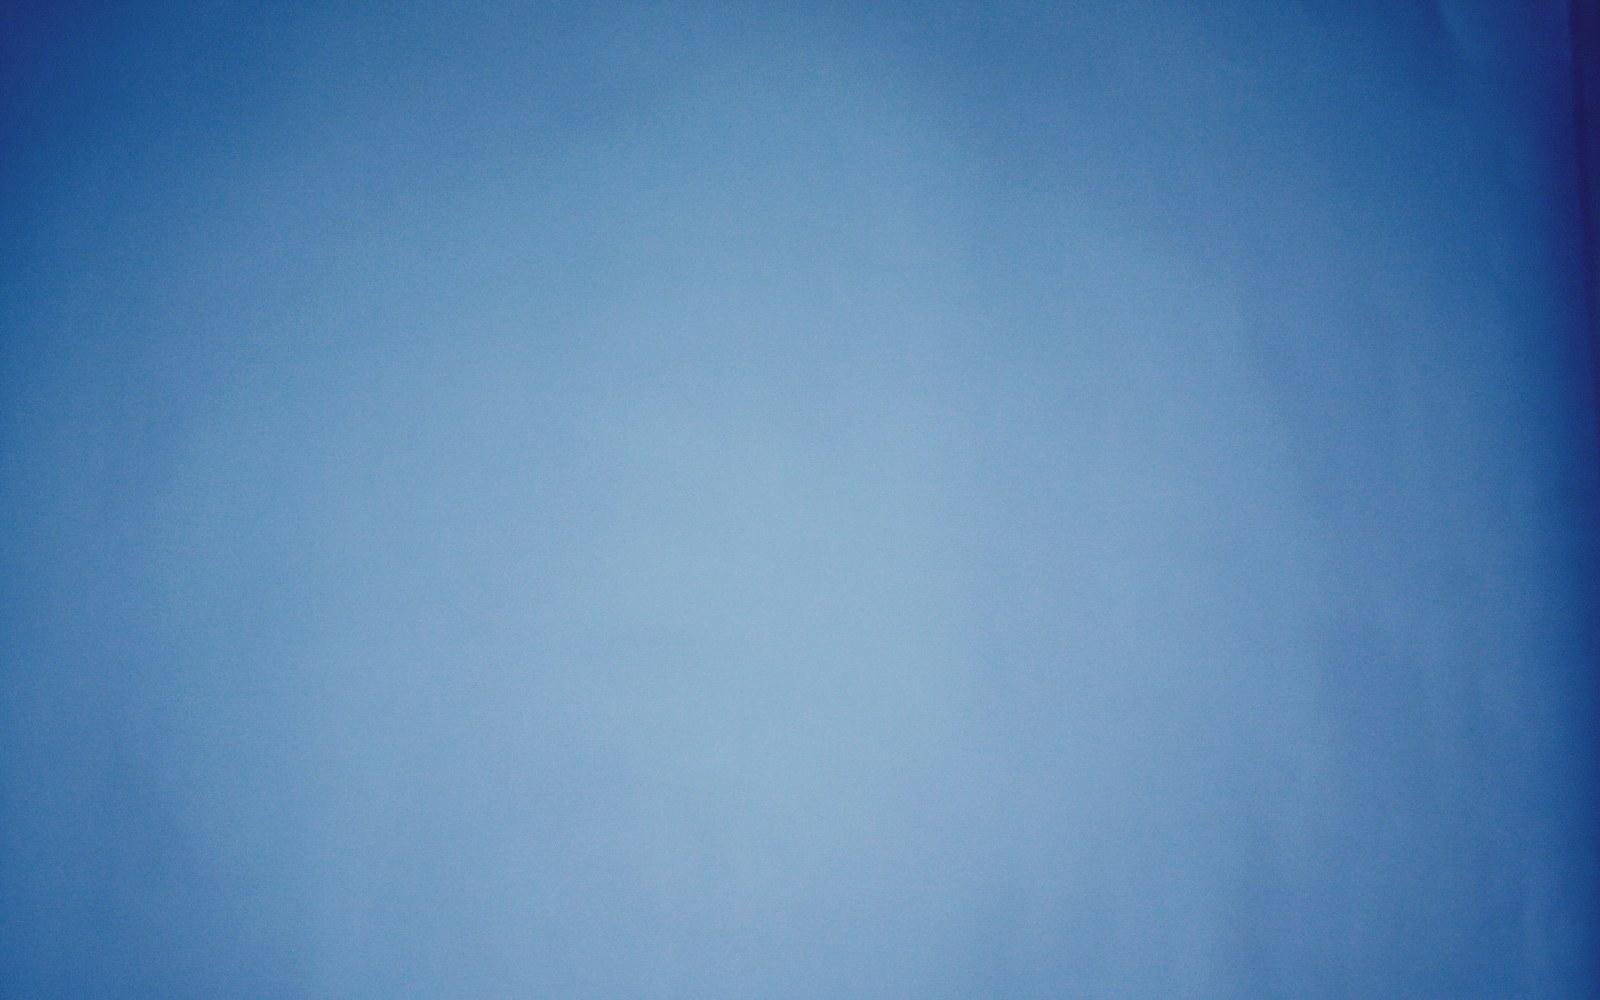 navy blue textured wallpaper